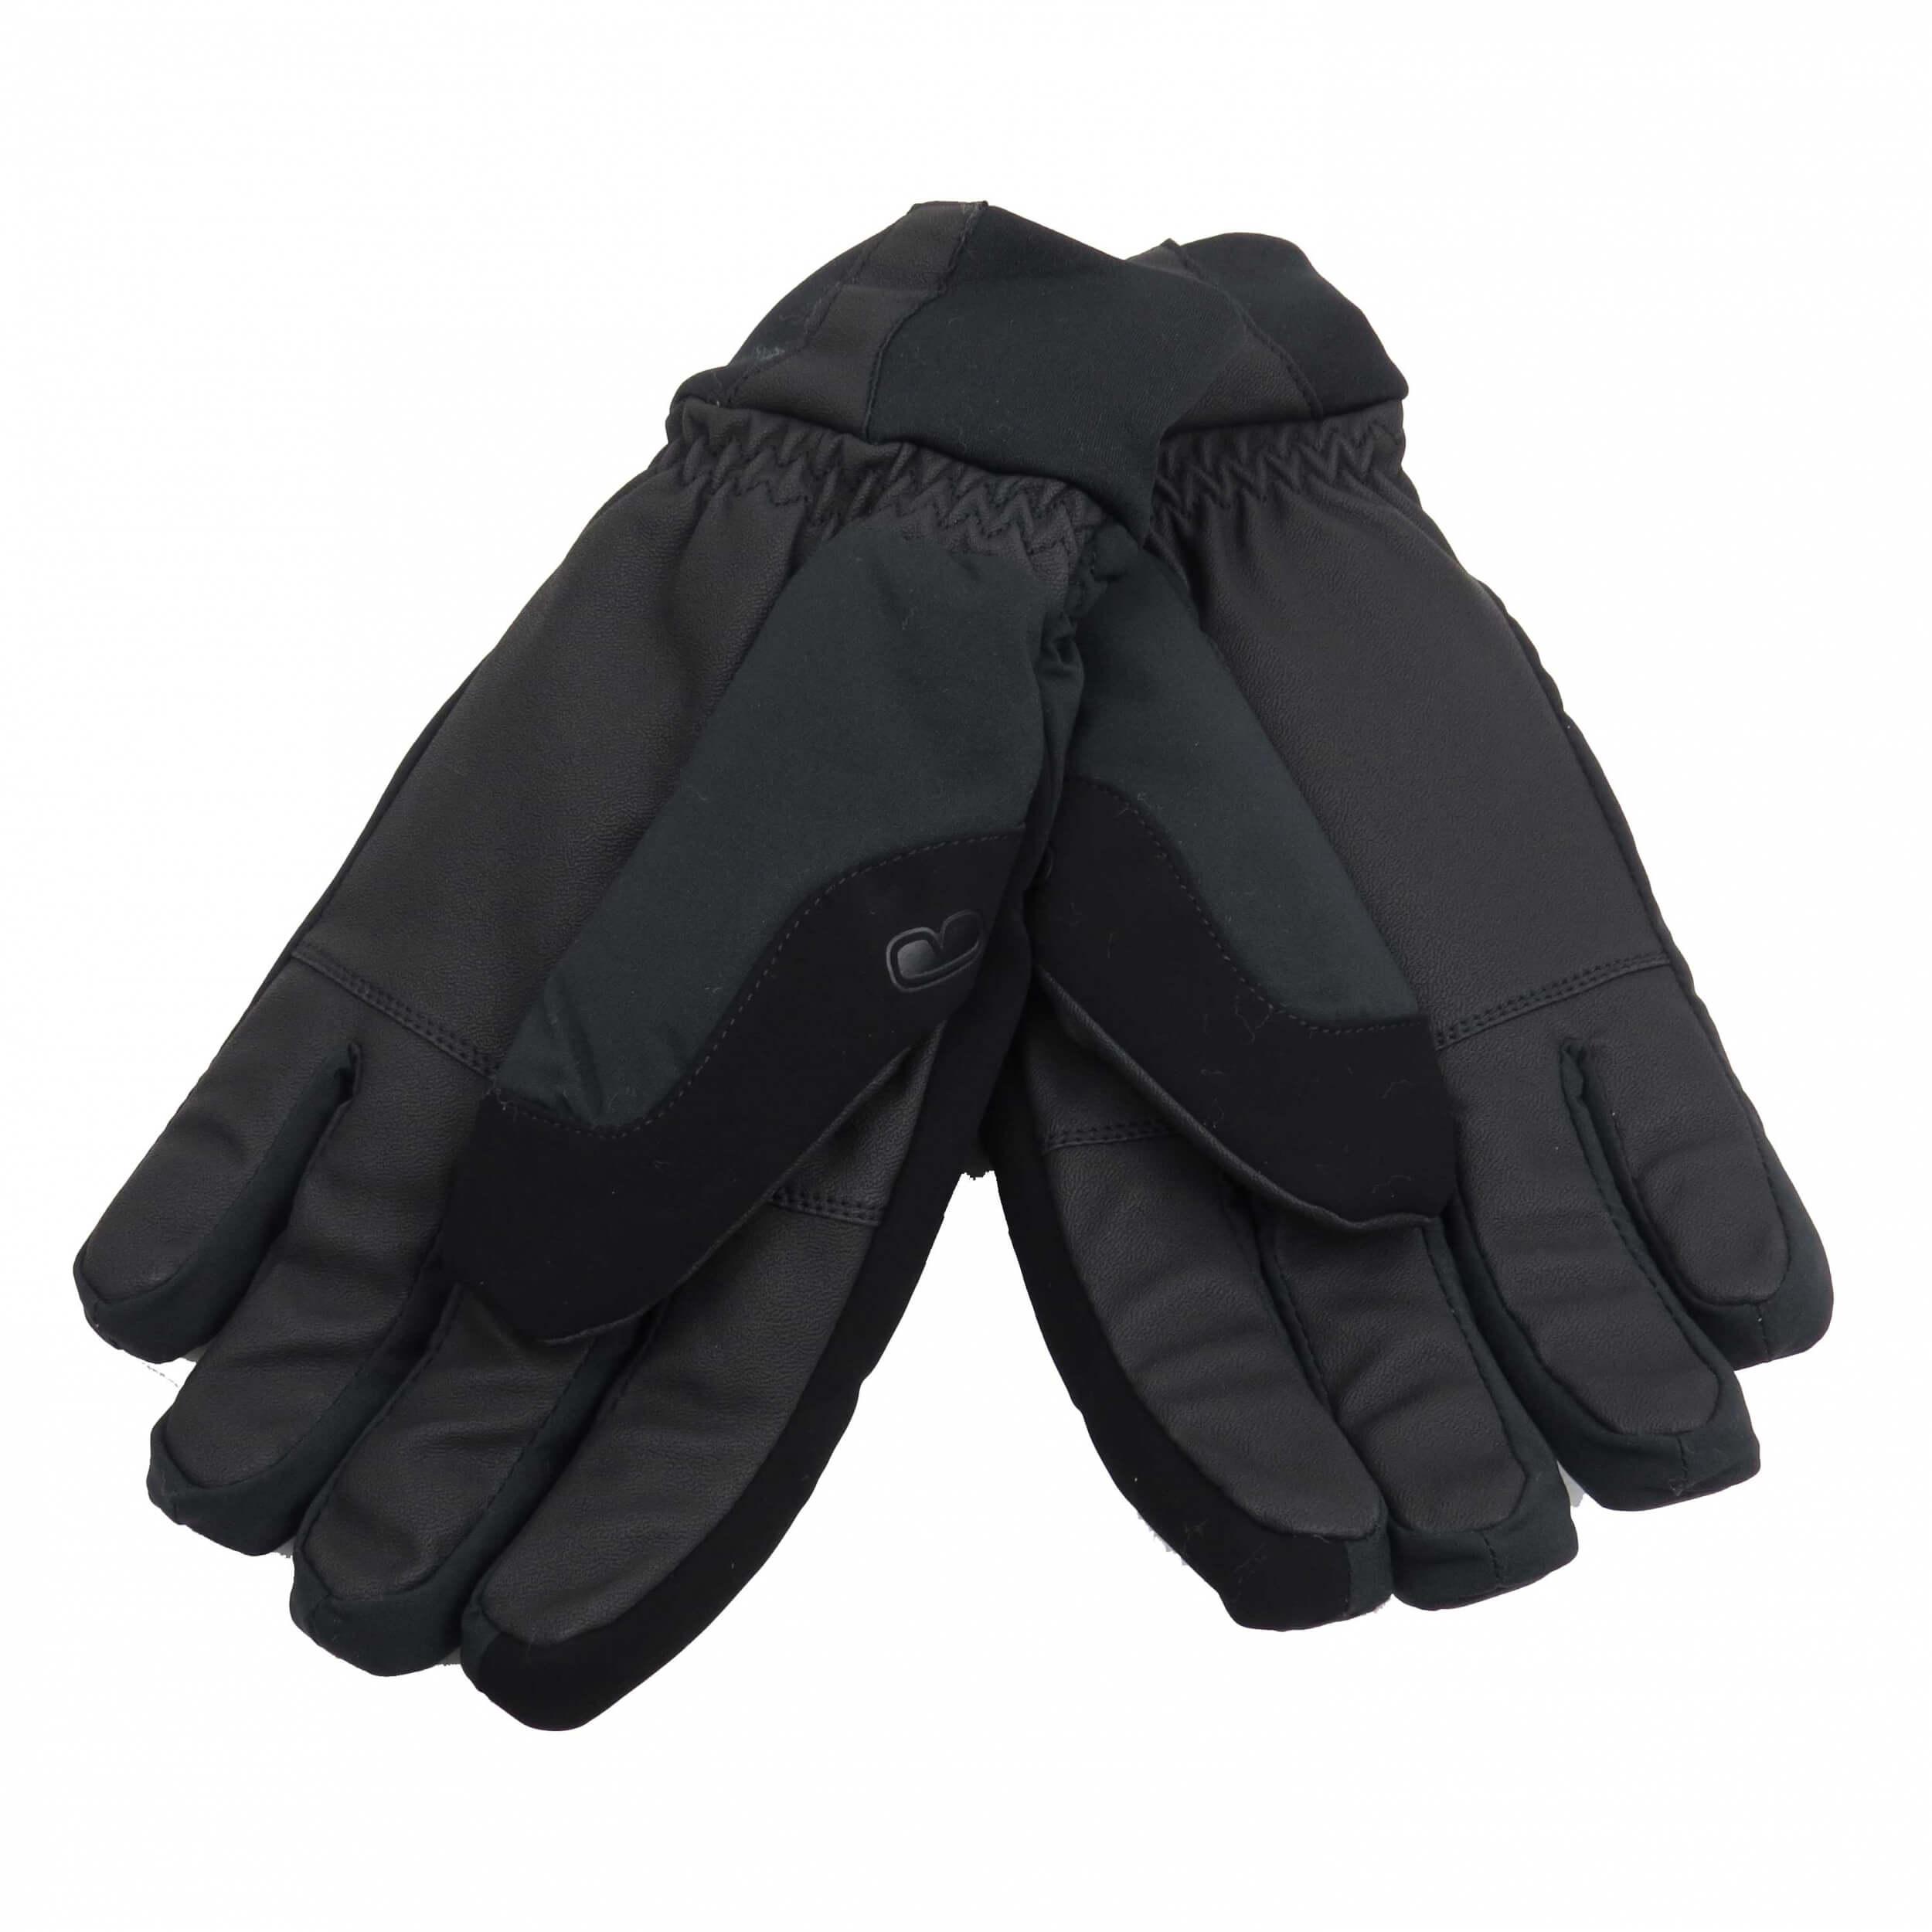 ZIENER Ski Handschuhe Stillwater 12 schwarz